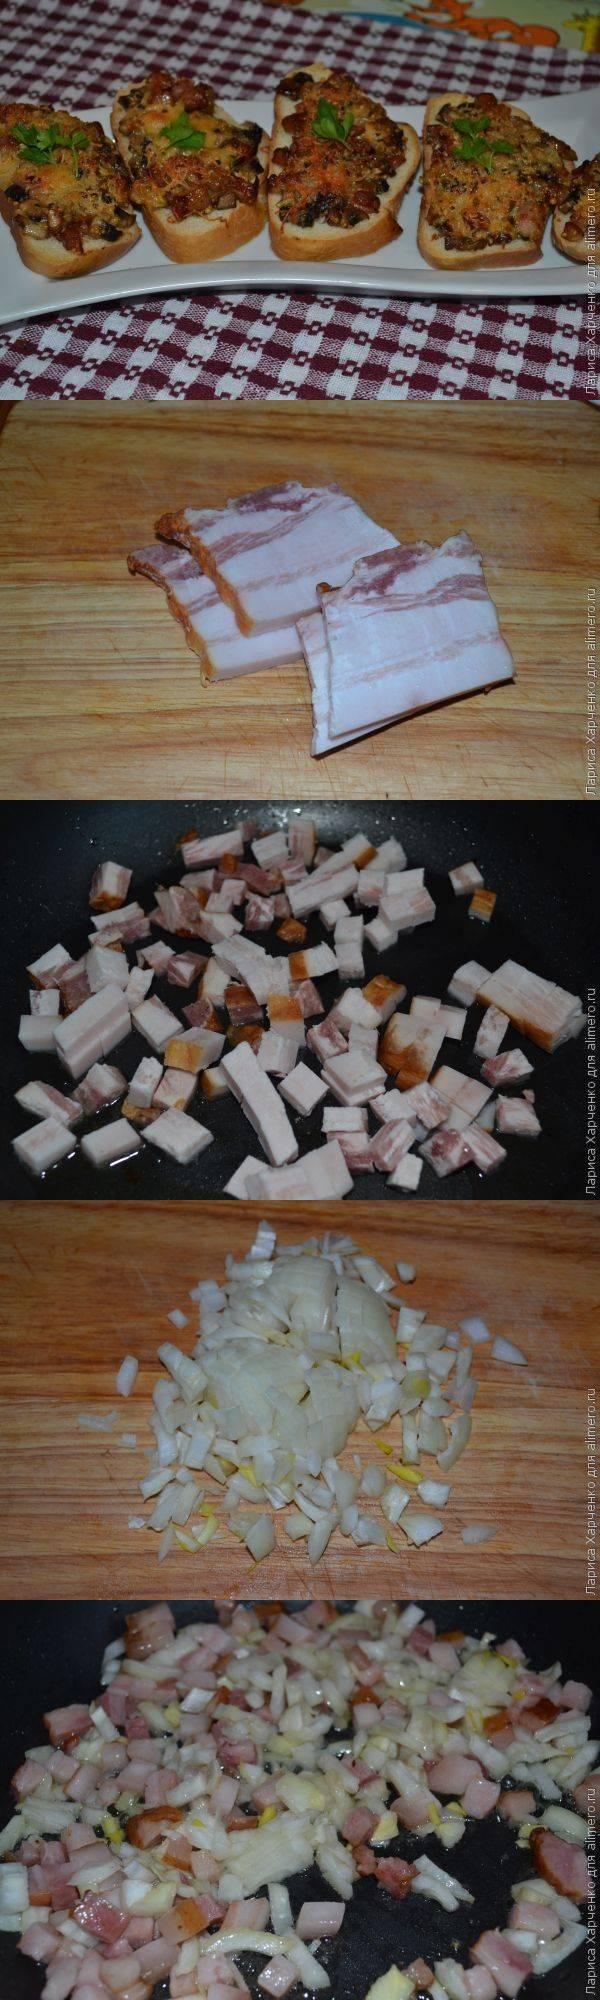 Горячие бутерброды с грудинкой и грибами